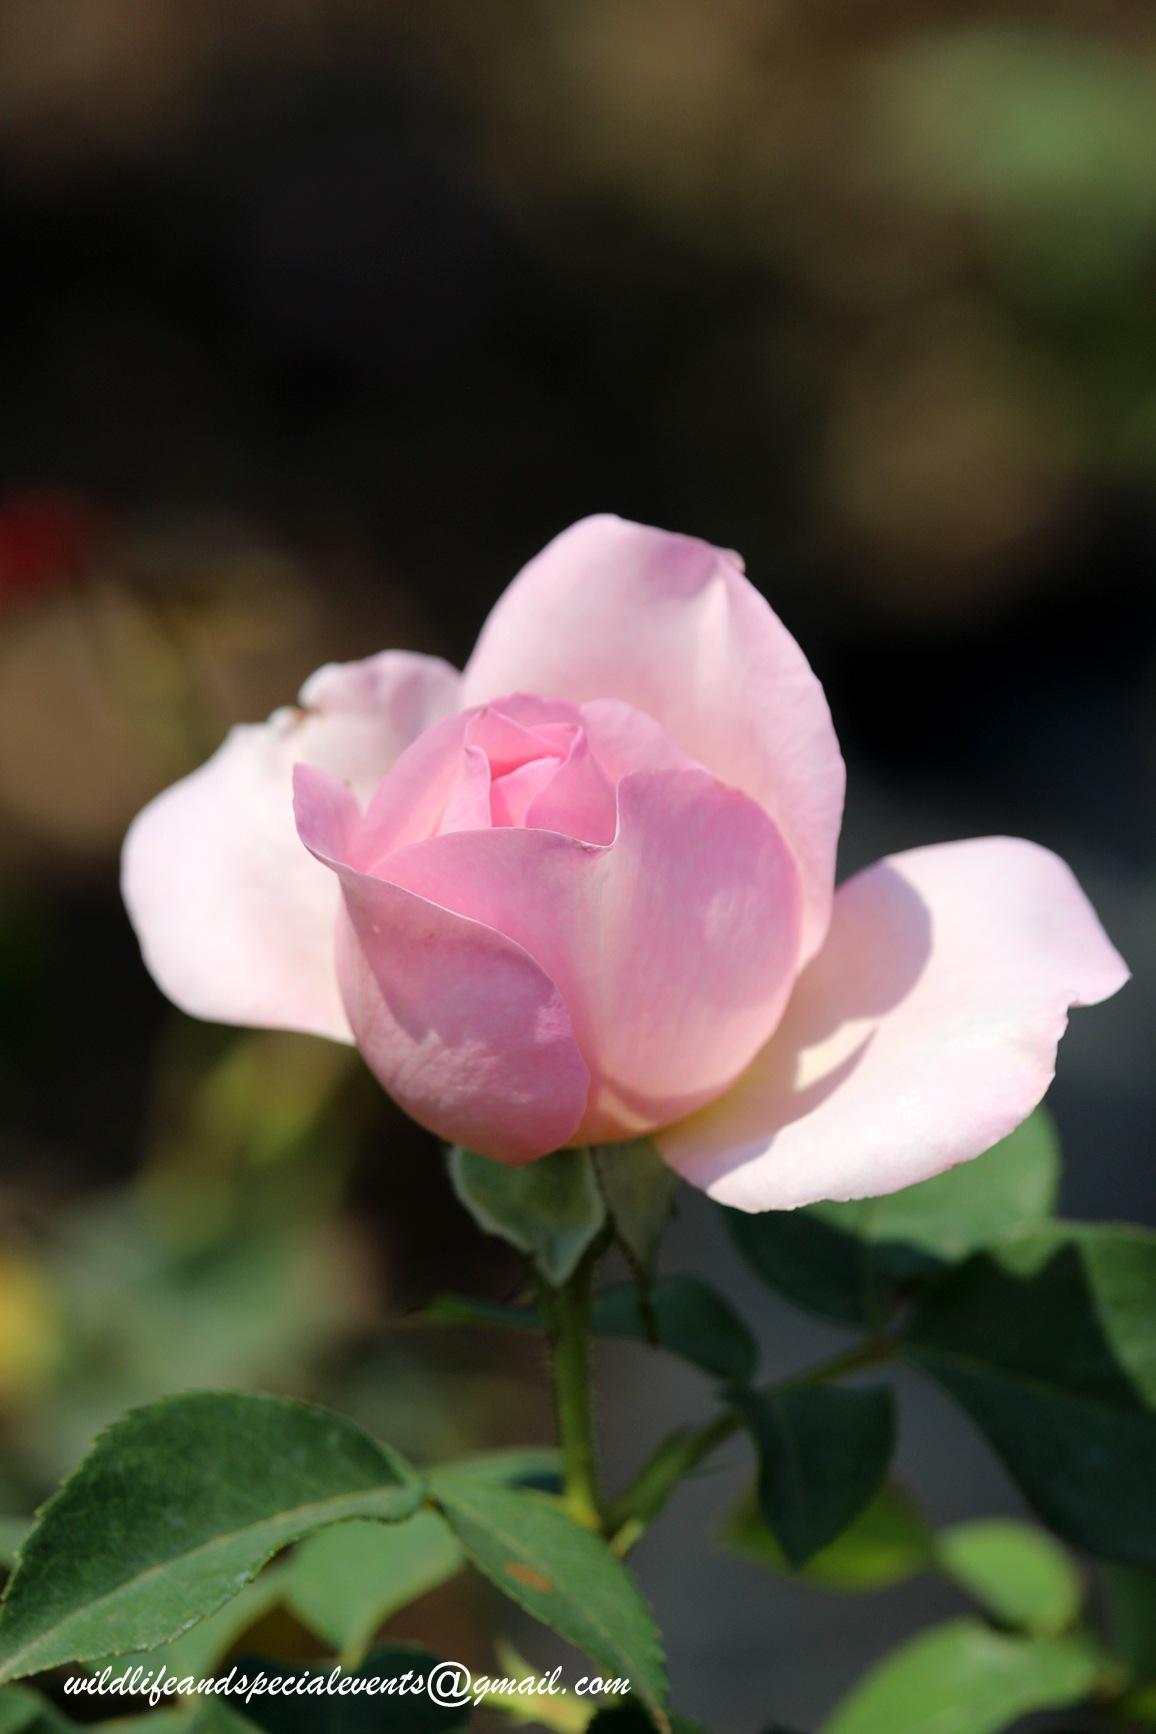 Rose garden by oosie